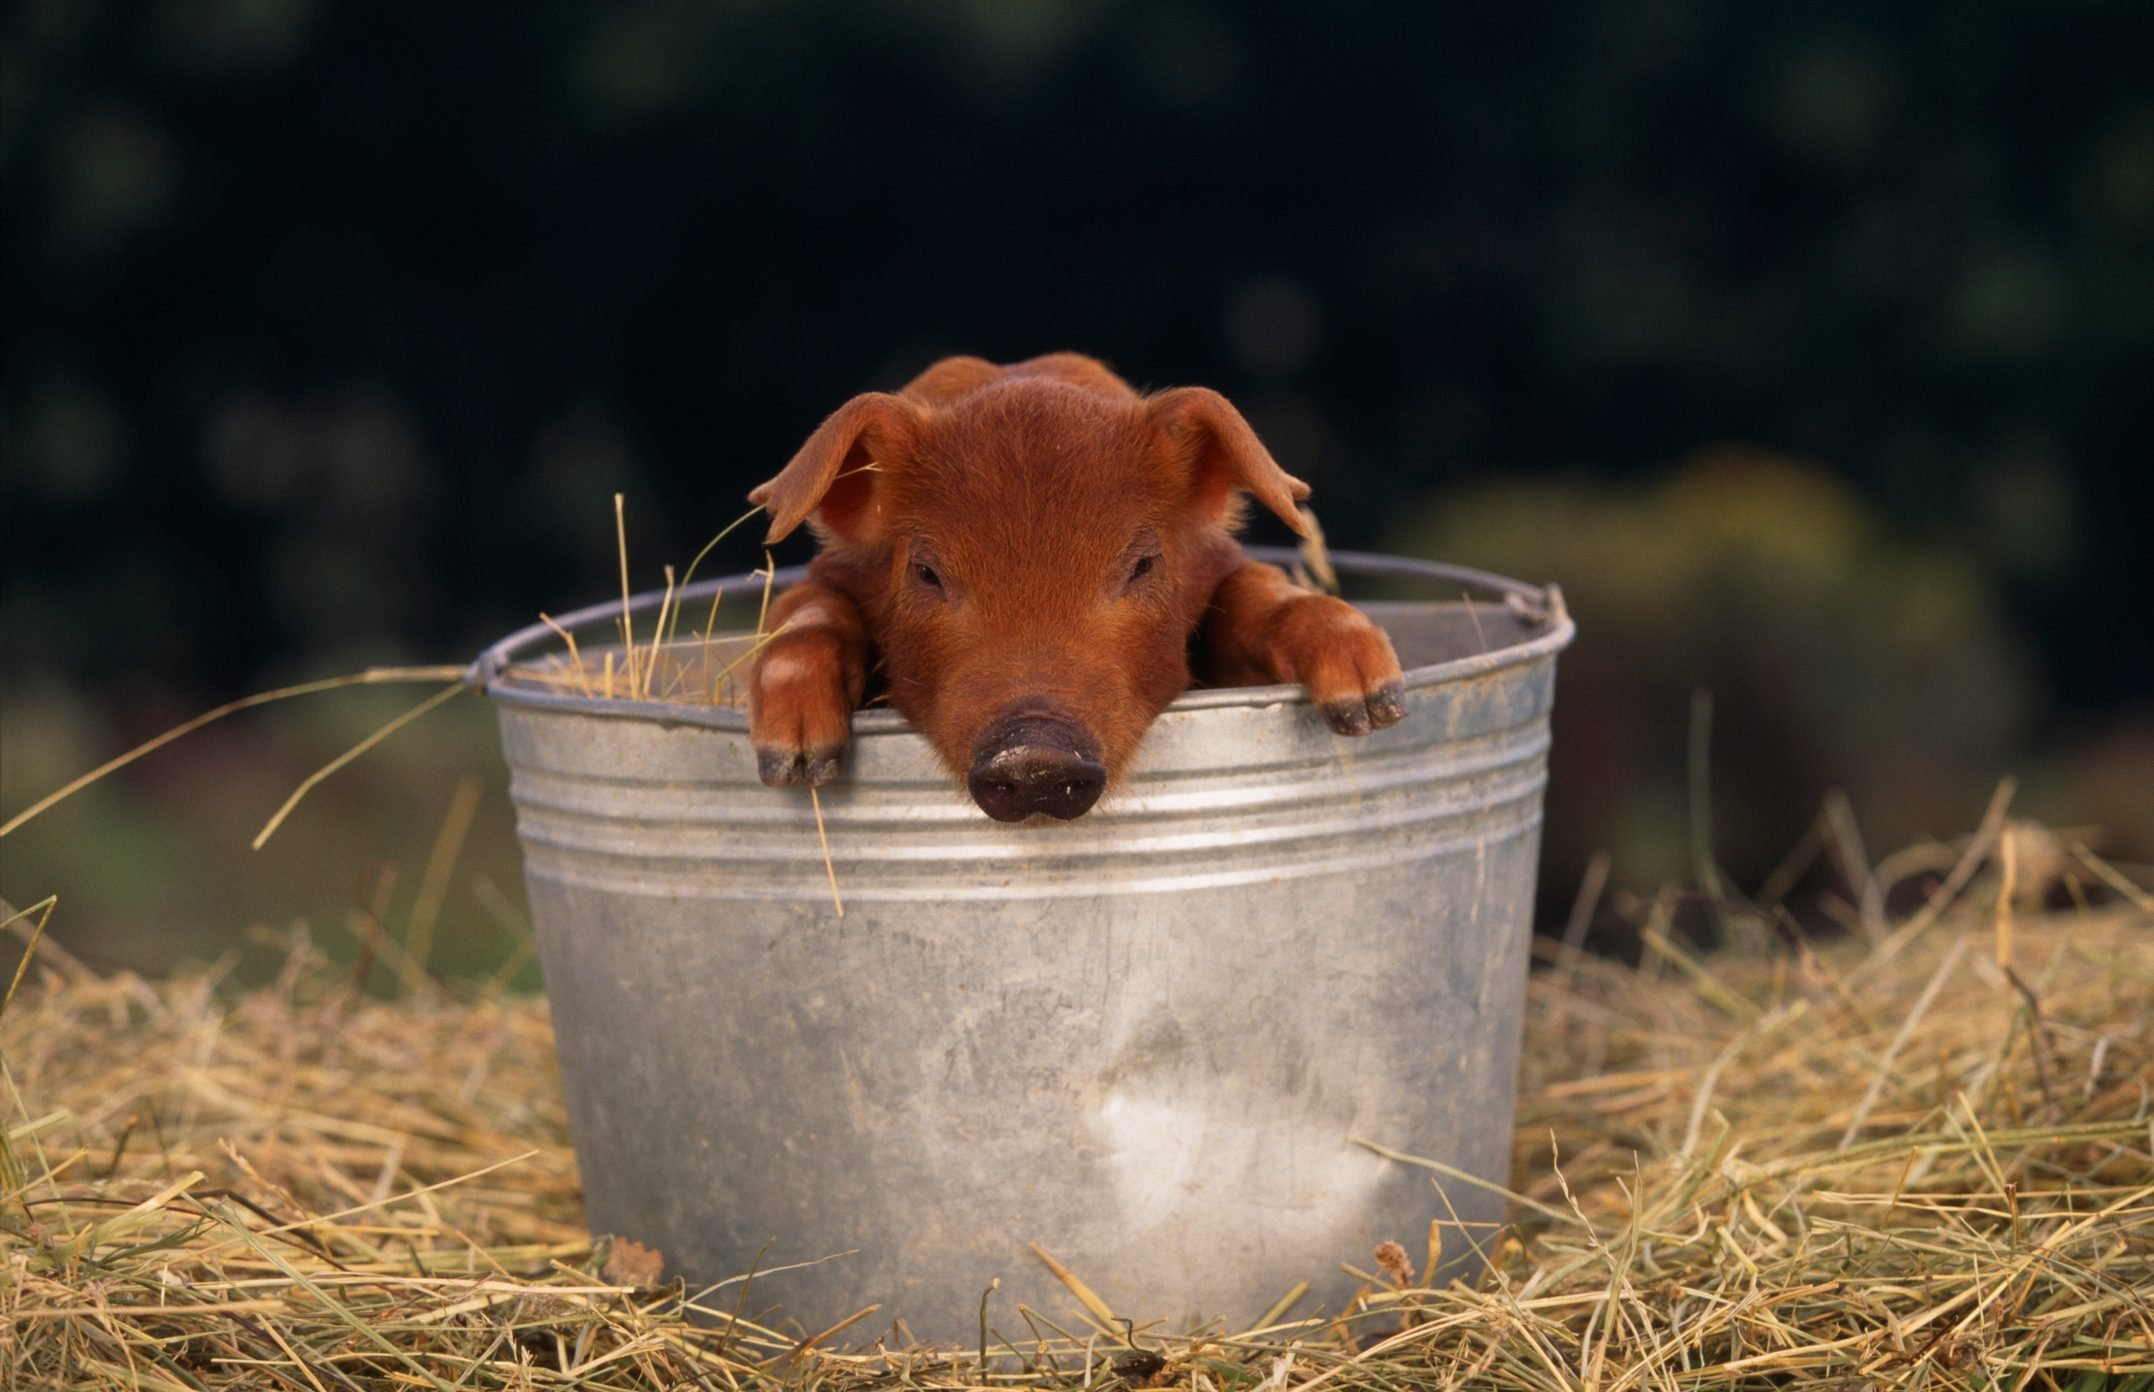 Duroc Piglet in a Bucket